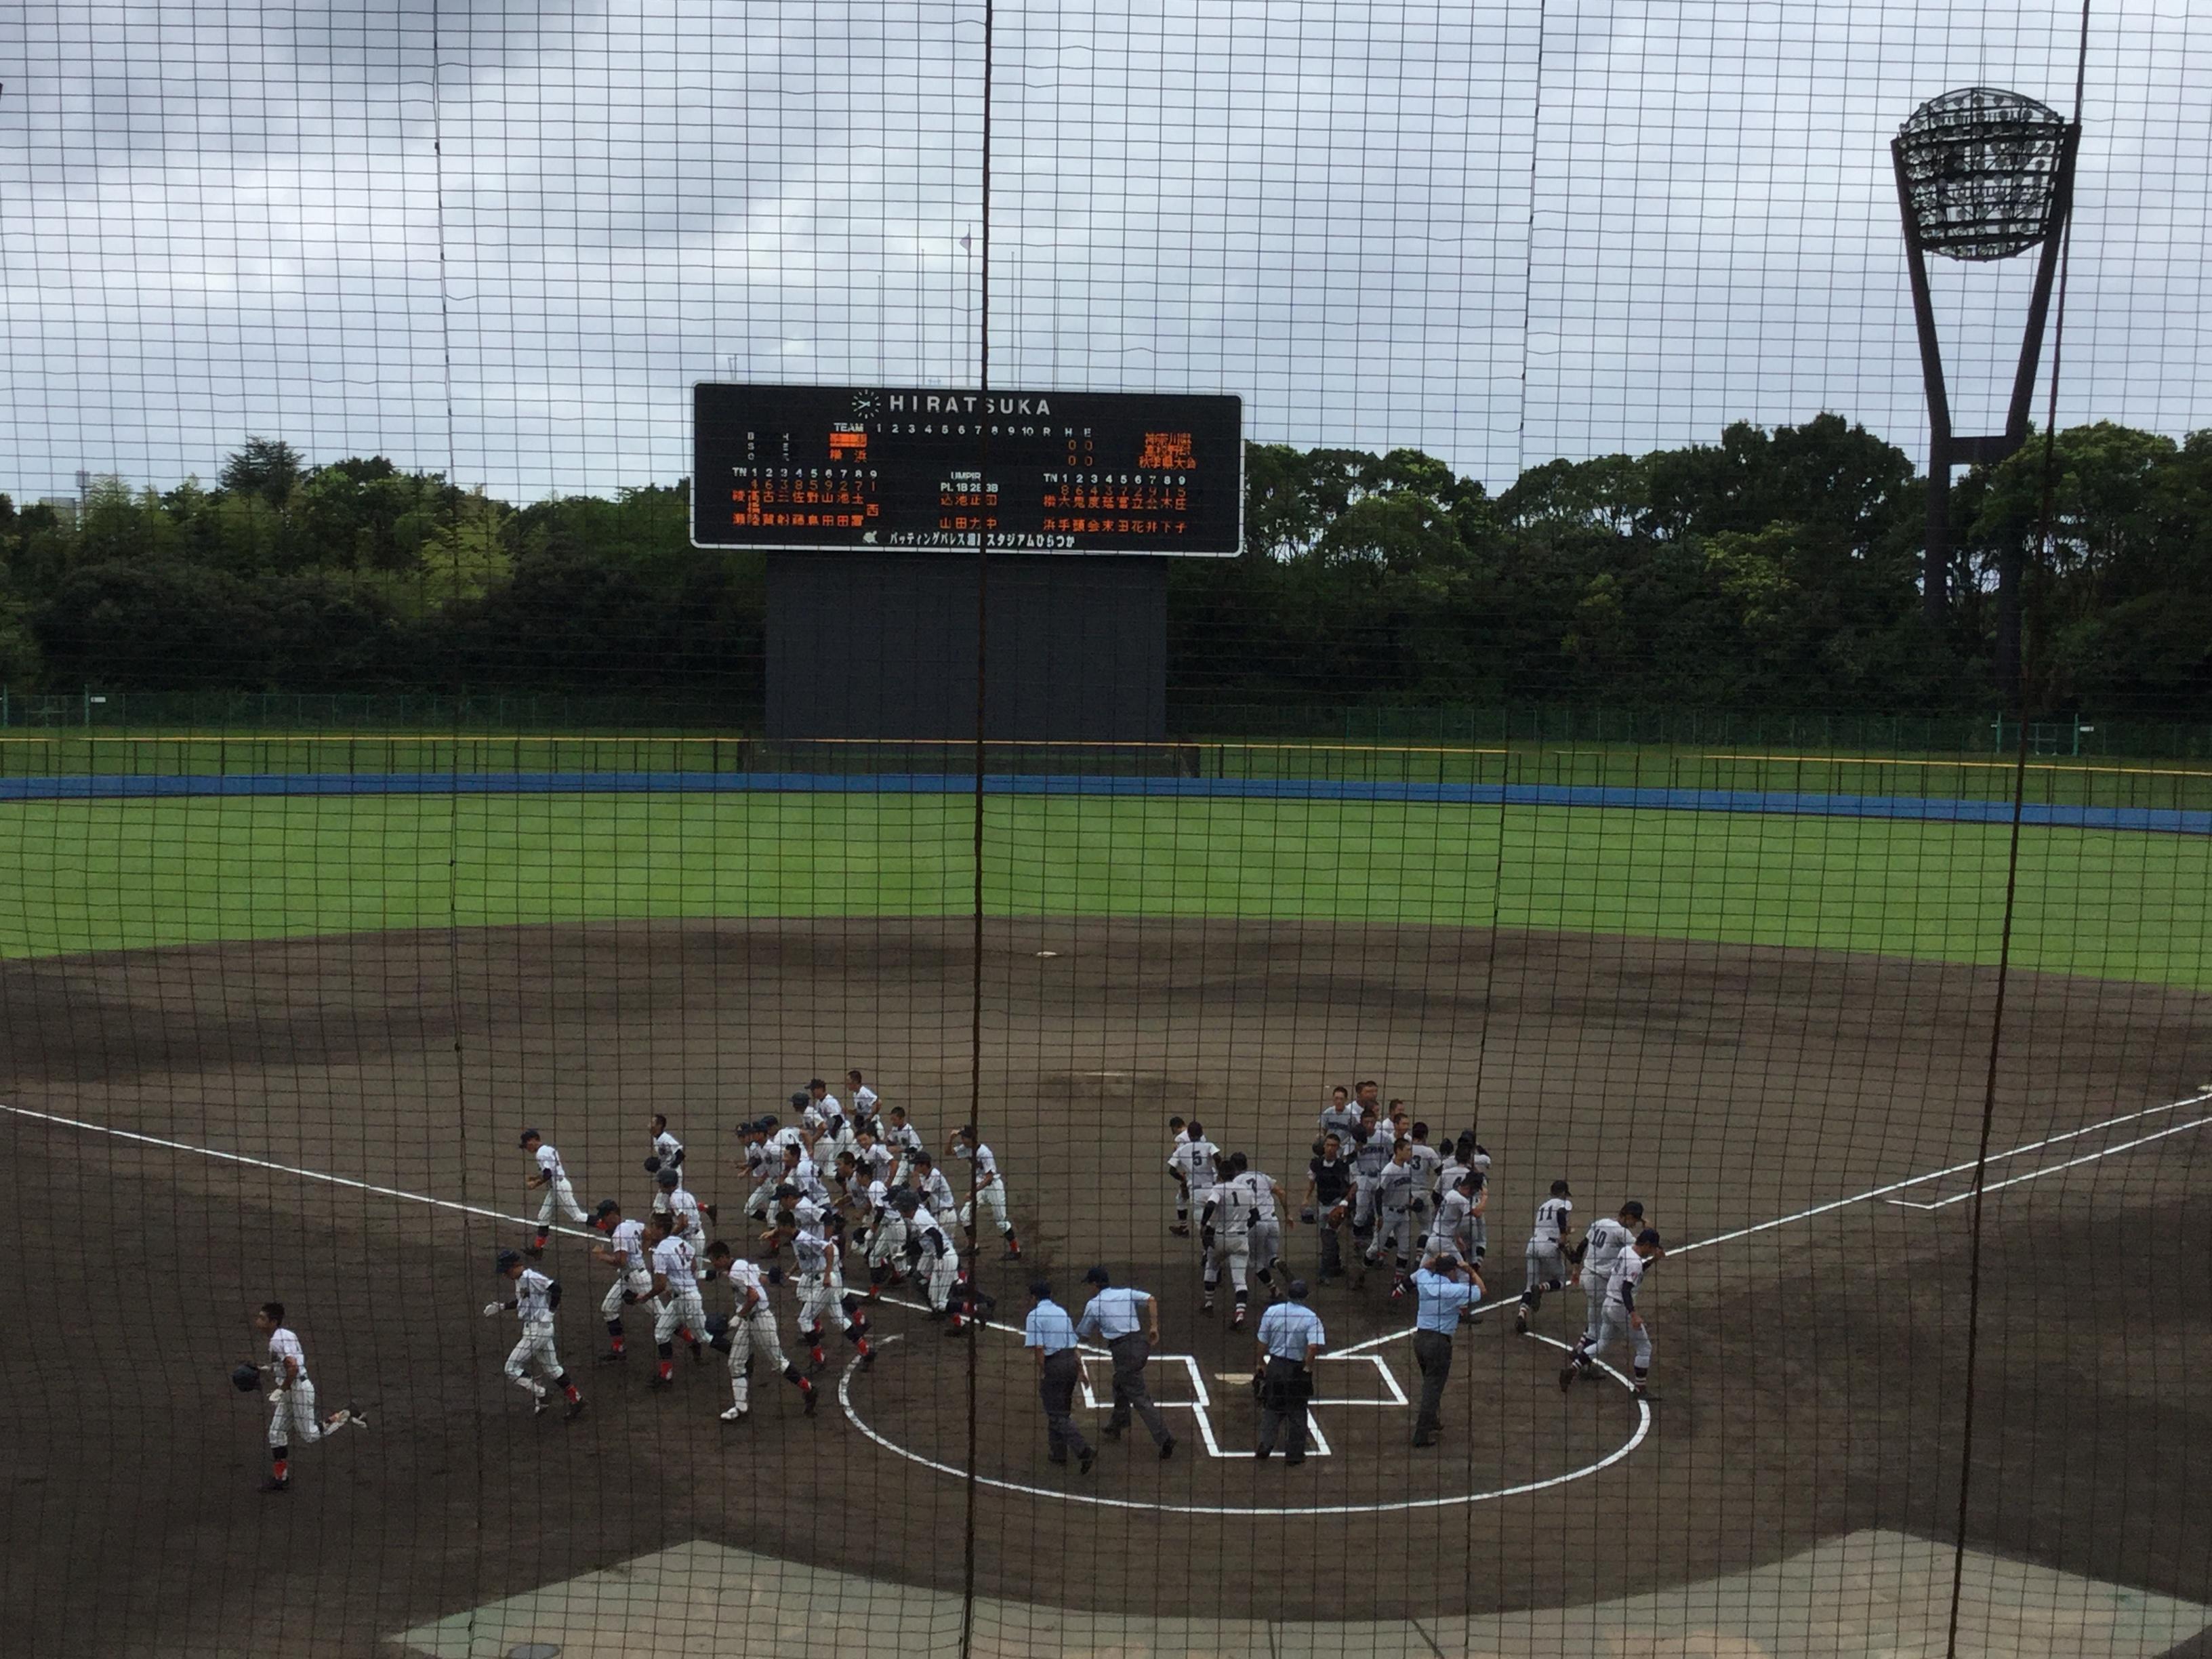 2019 秋季神奈川県大会 2回戦 横浜vs綾瀬